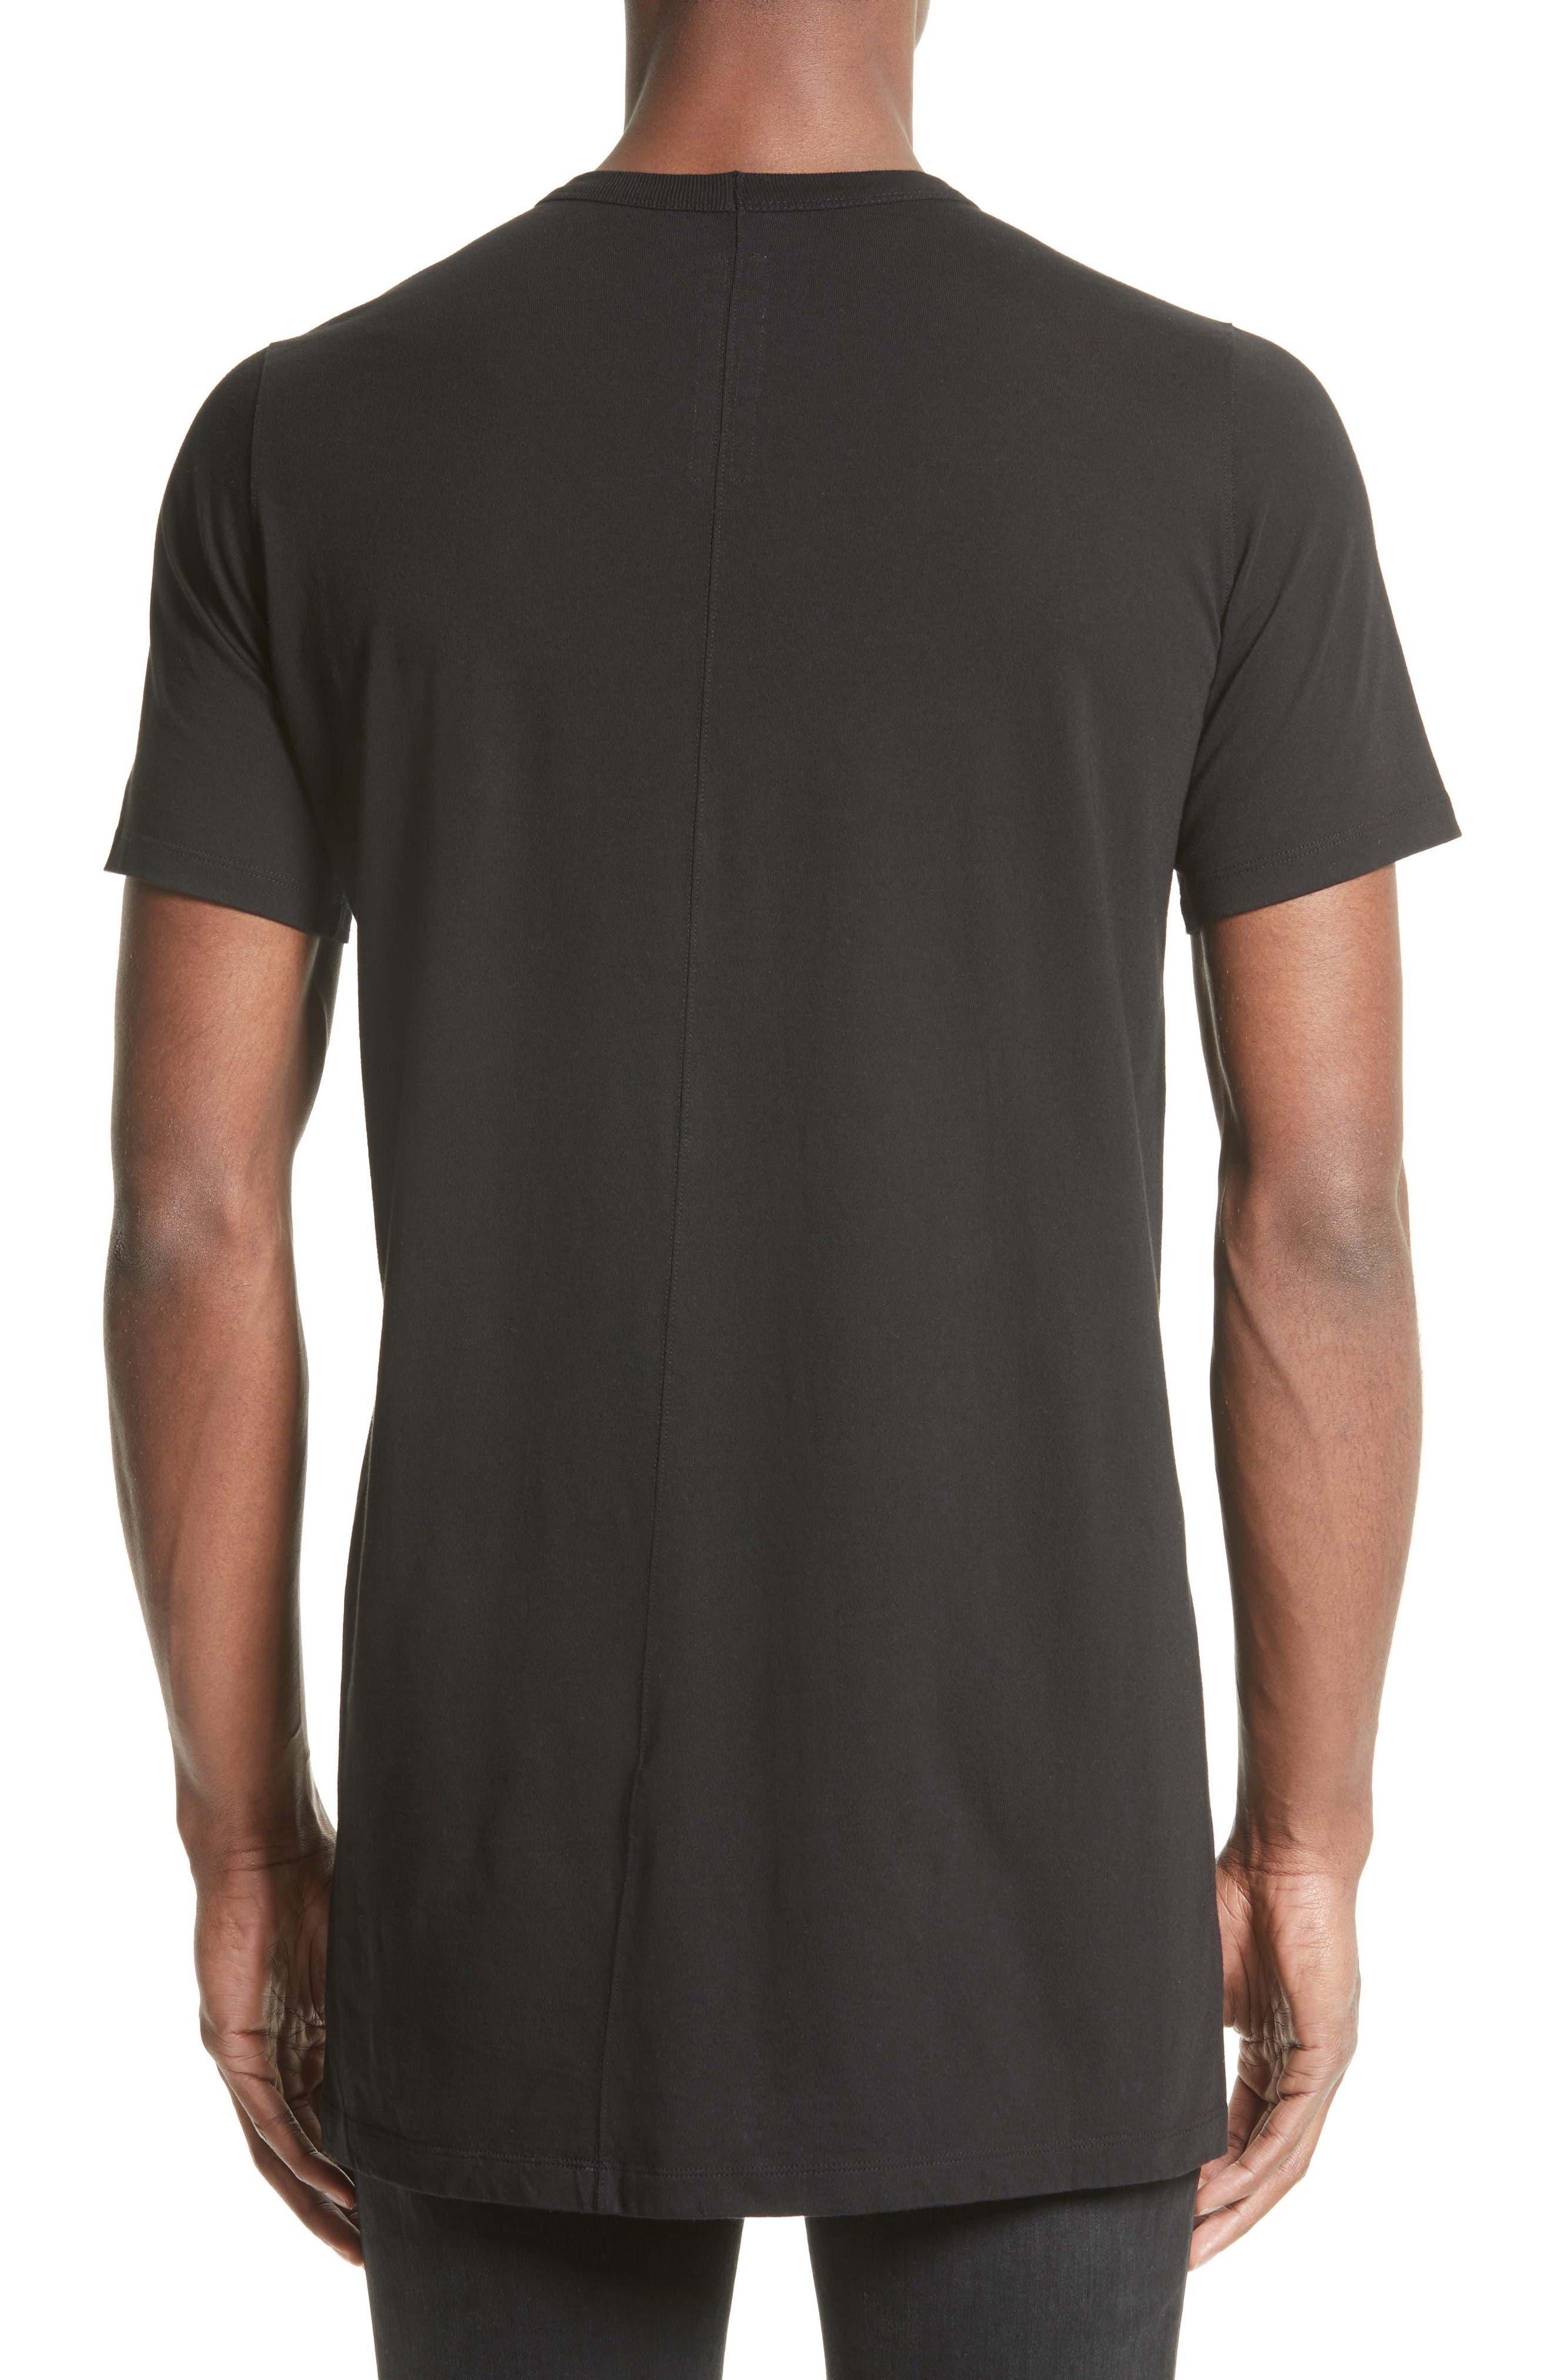 Level T-Shirt,                             Alternate thumbnail 2, color,                             Black